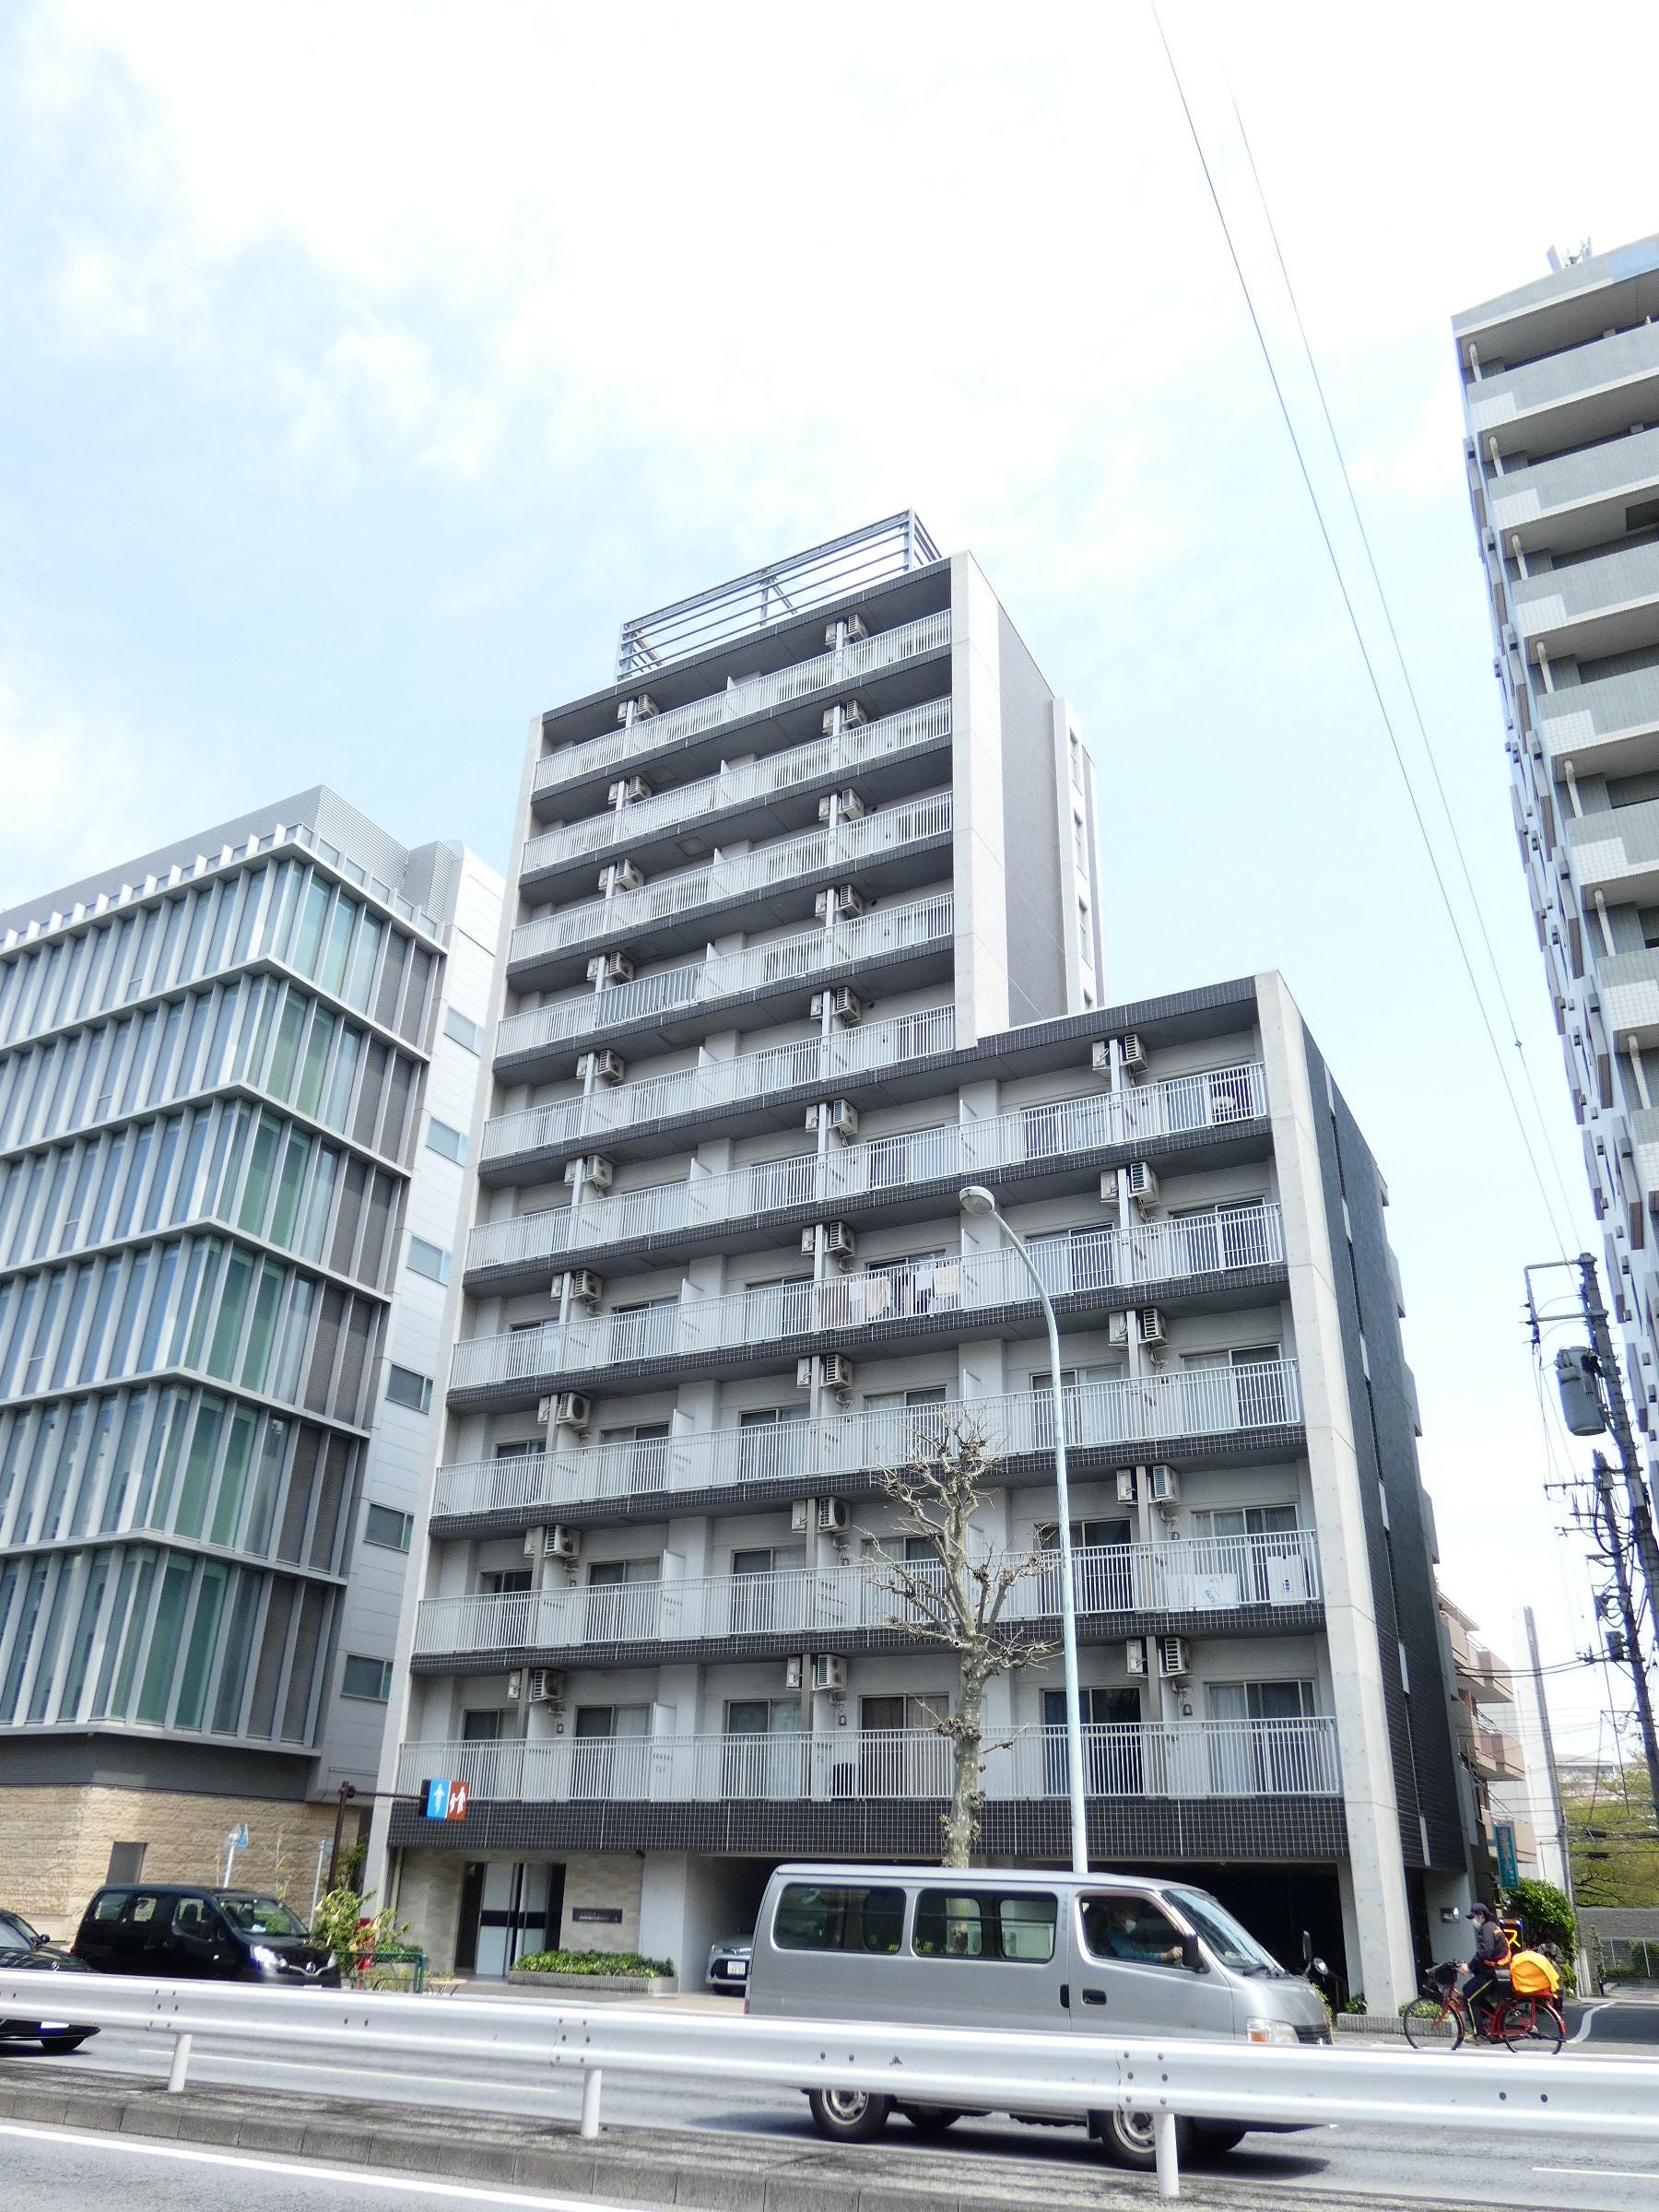 レジディア中目黒2の建物写真メイン1